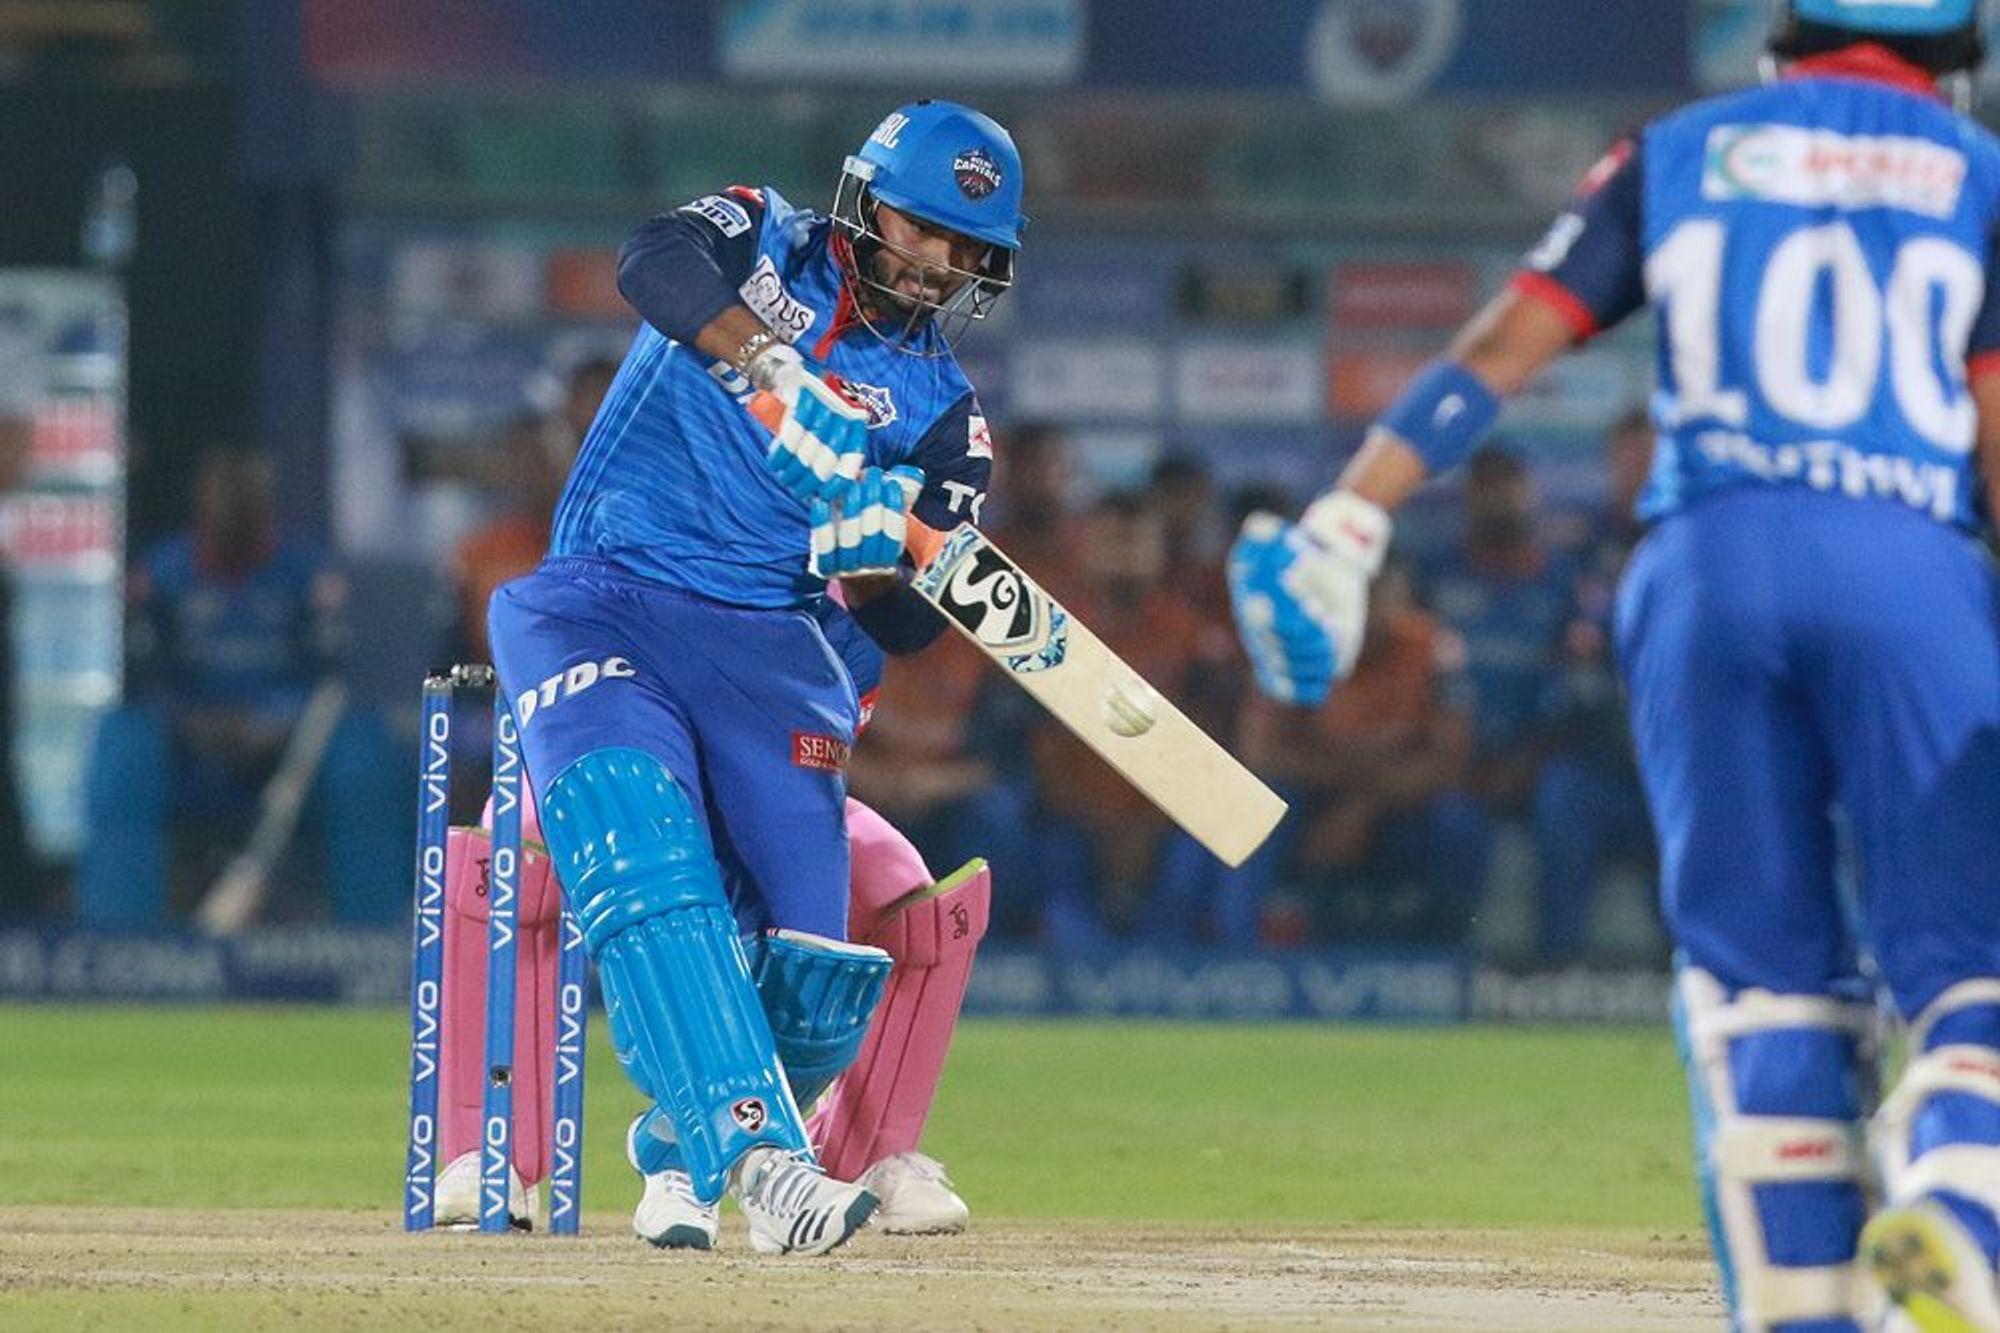 आईपीएल 2019 : दिल्ली कैपिटल्स के सीनियर खिलाड़ी ने गुस्से में खोया अपना आपा, ऋषभ पंत को मारी गेंद! 2